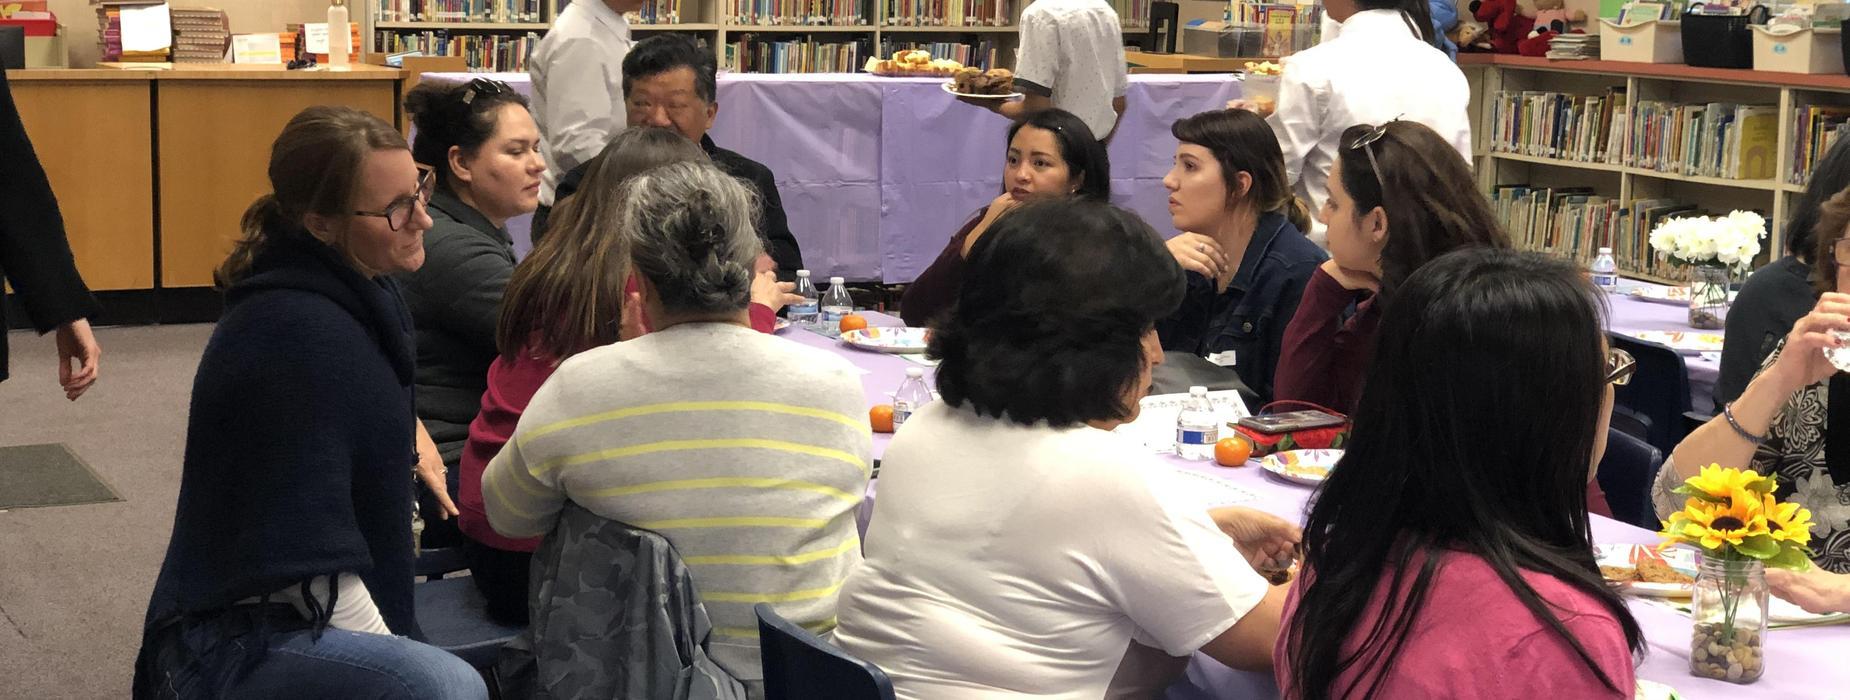 Marguerita Staff lunch event